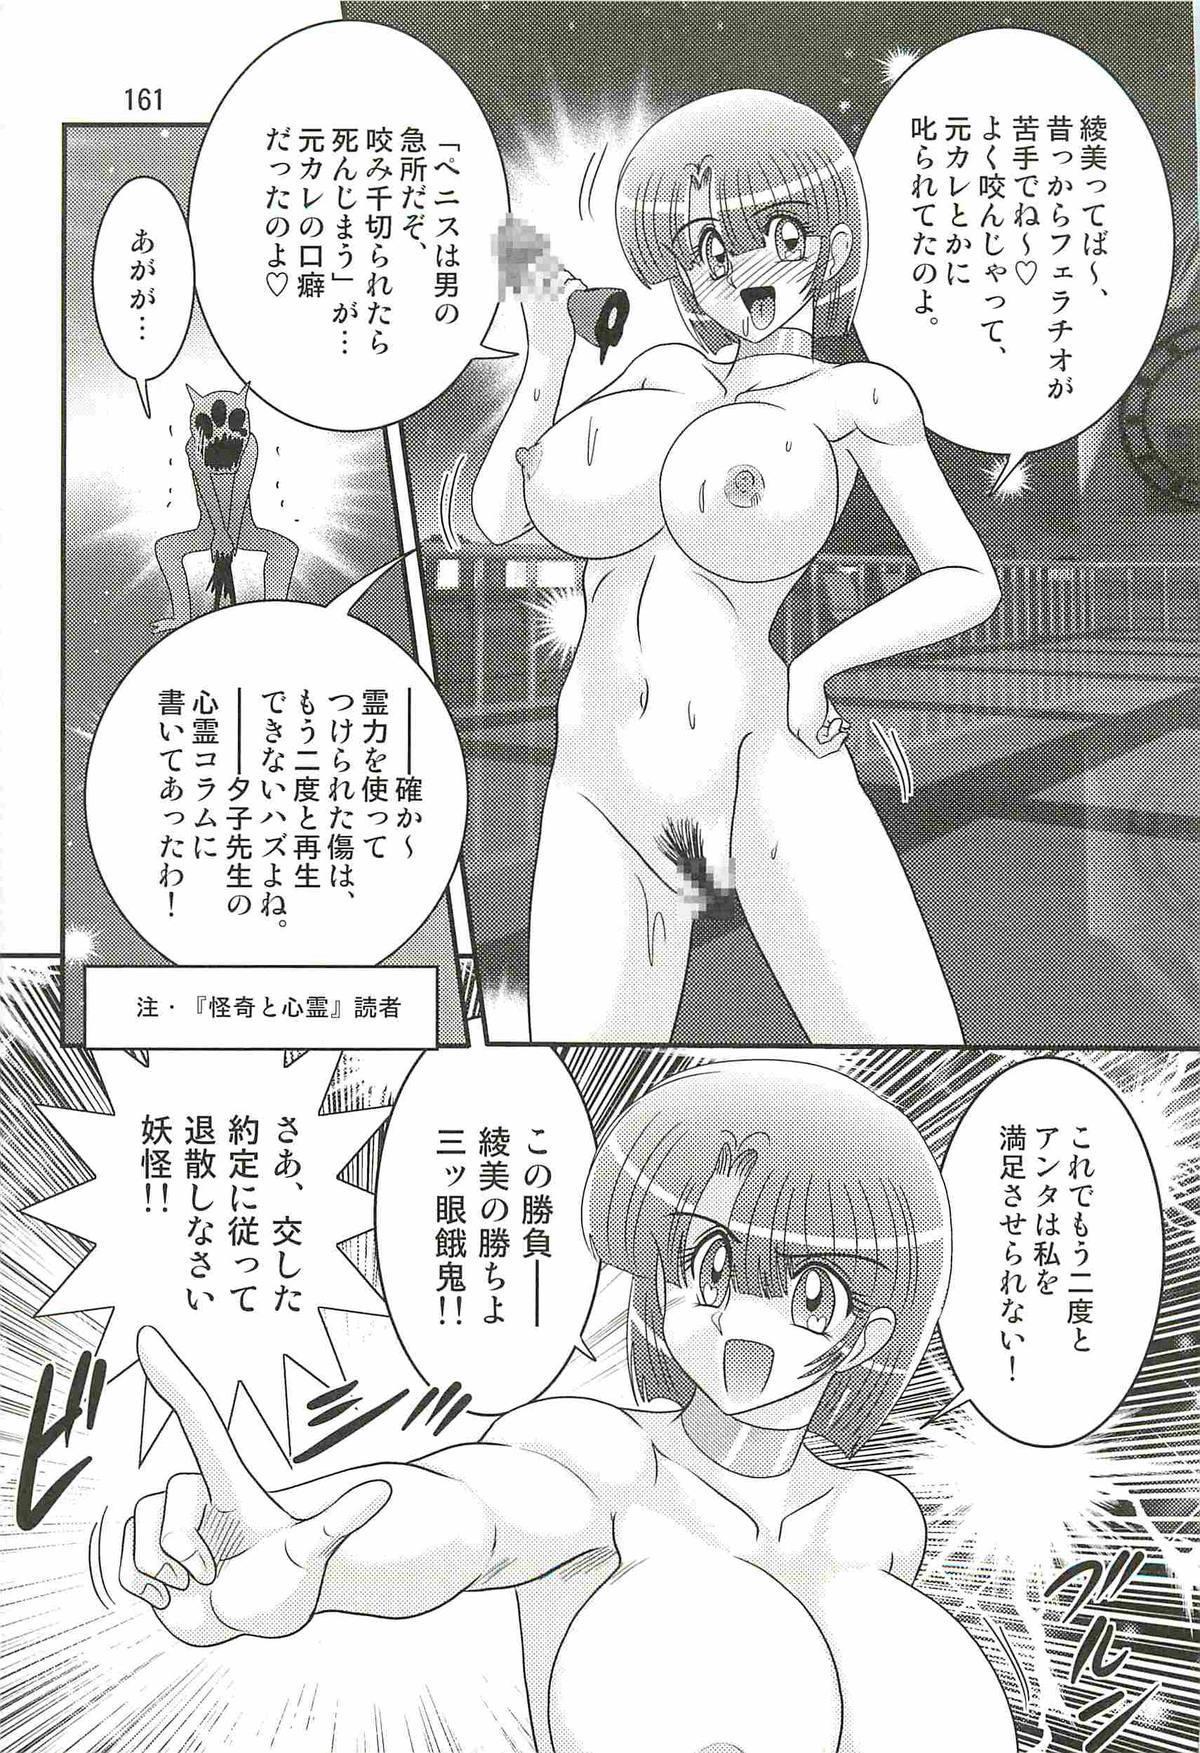 Seirei Tokusou Fairy Saber W - Undead Rape 164